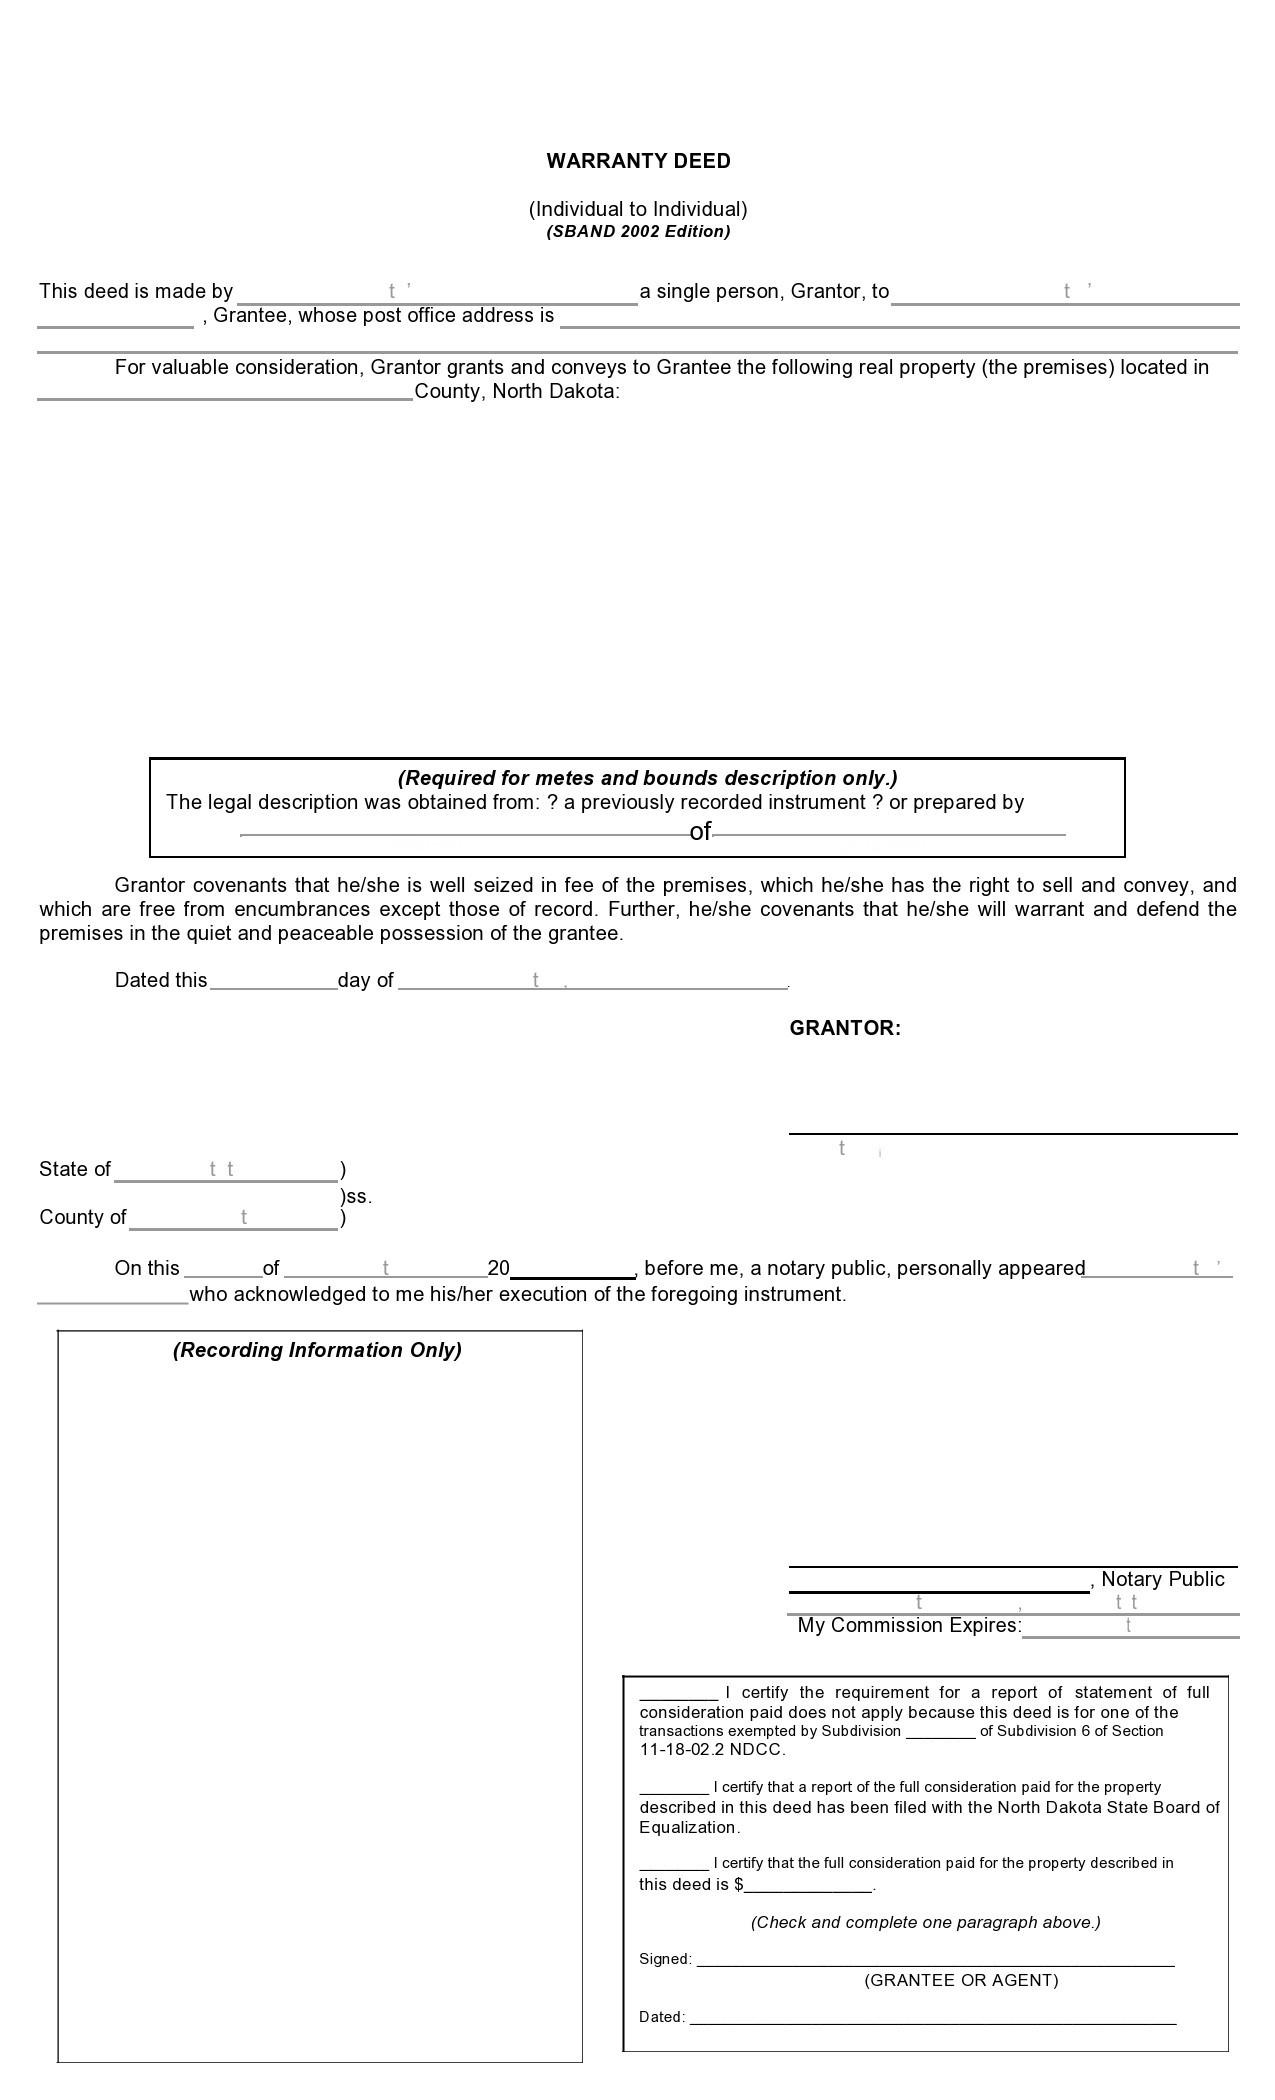 Free warranty deed form 09